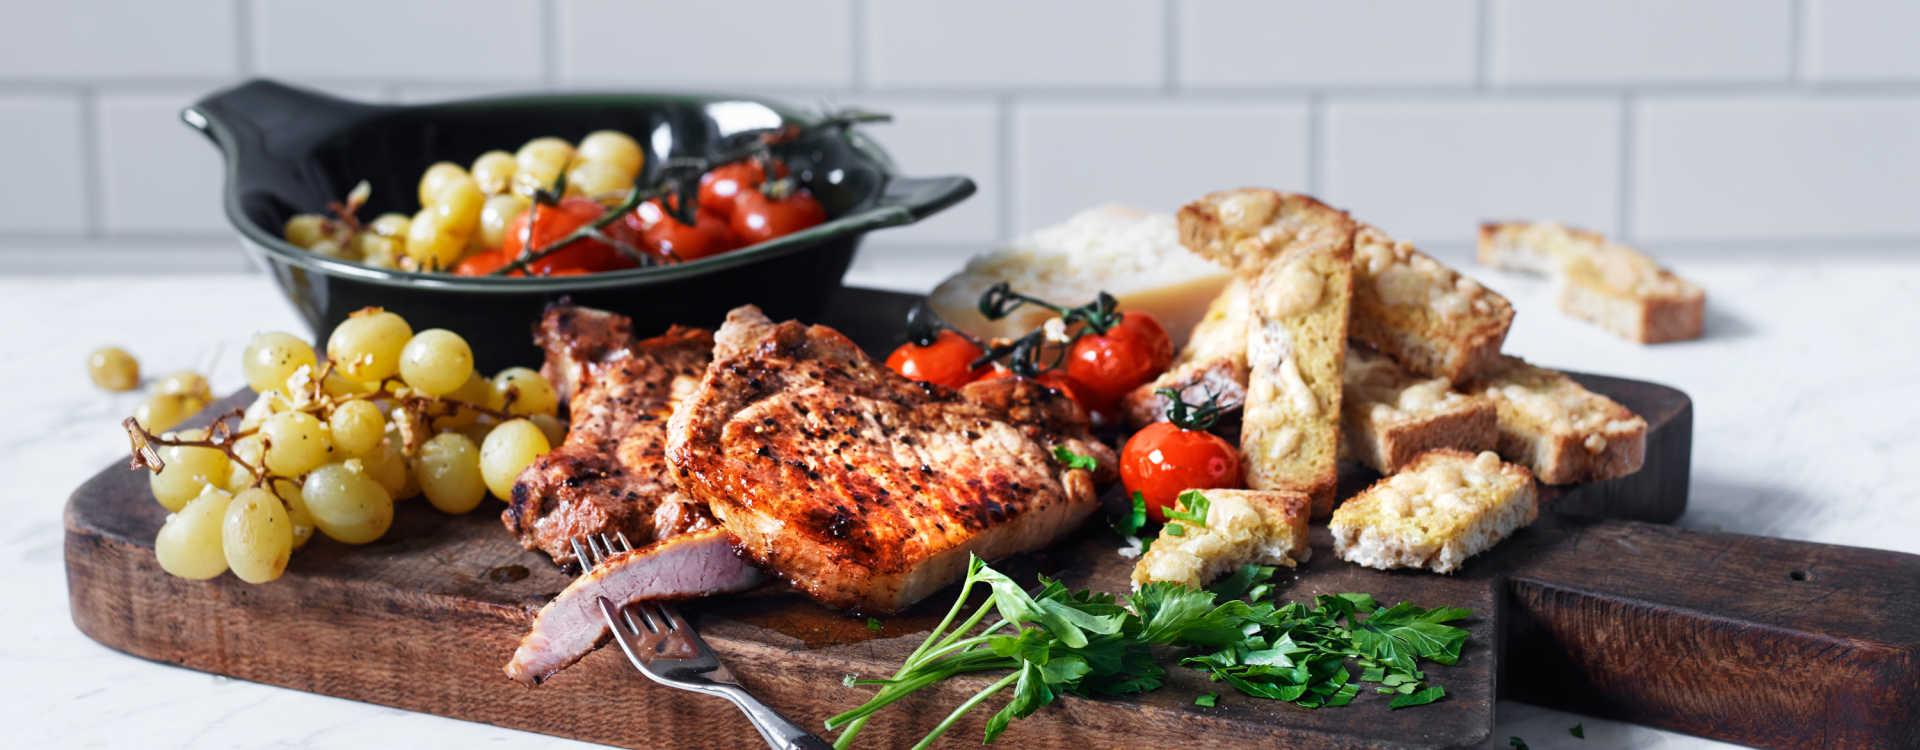 Grillet svinekotelett med varme tomater, druer og parmesanbrød